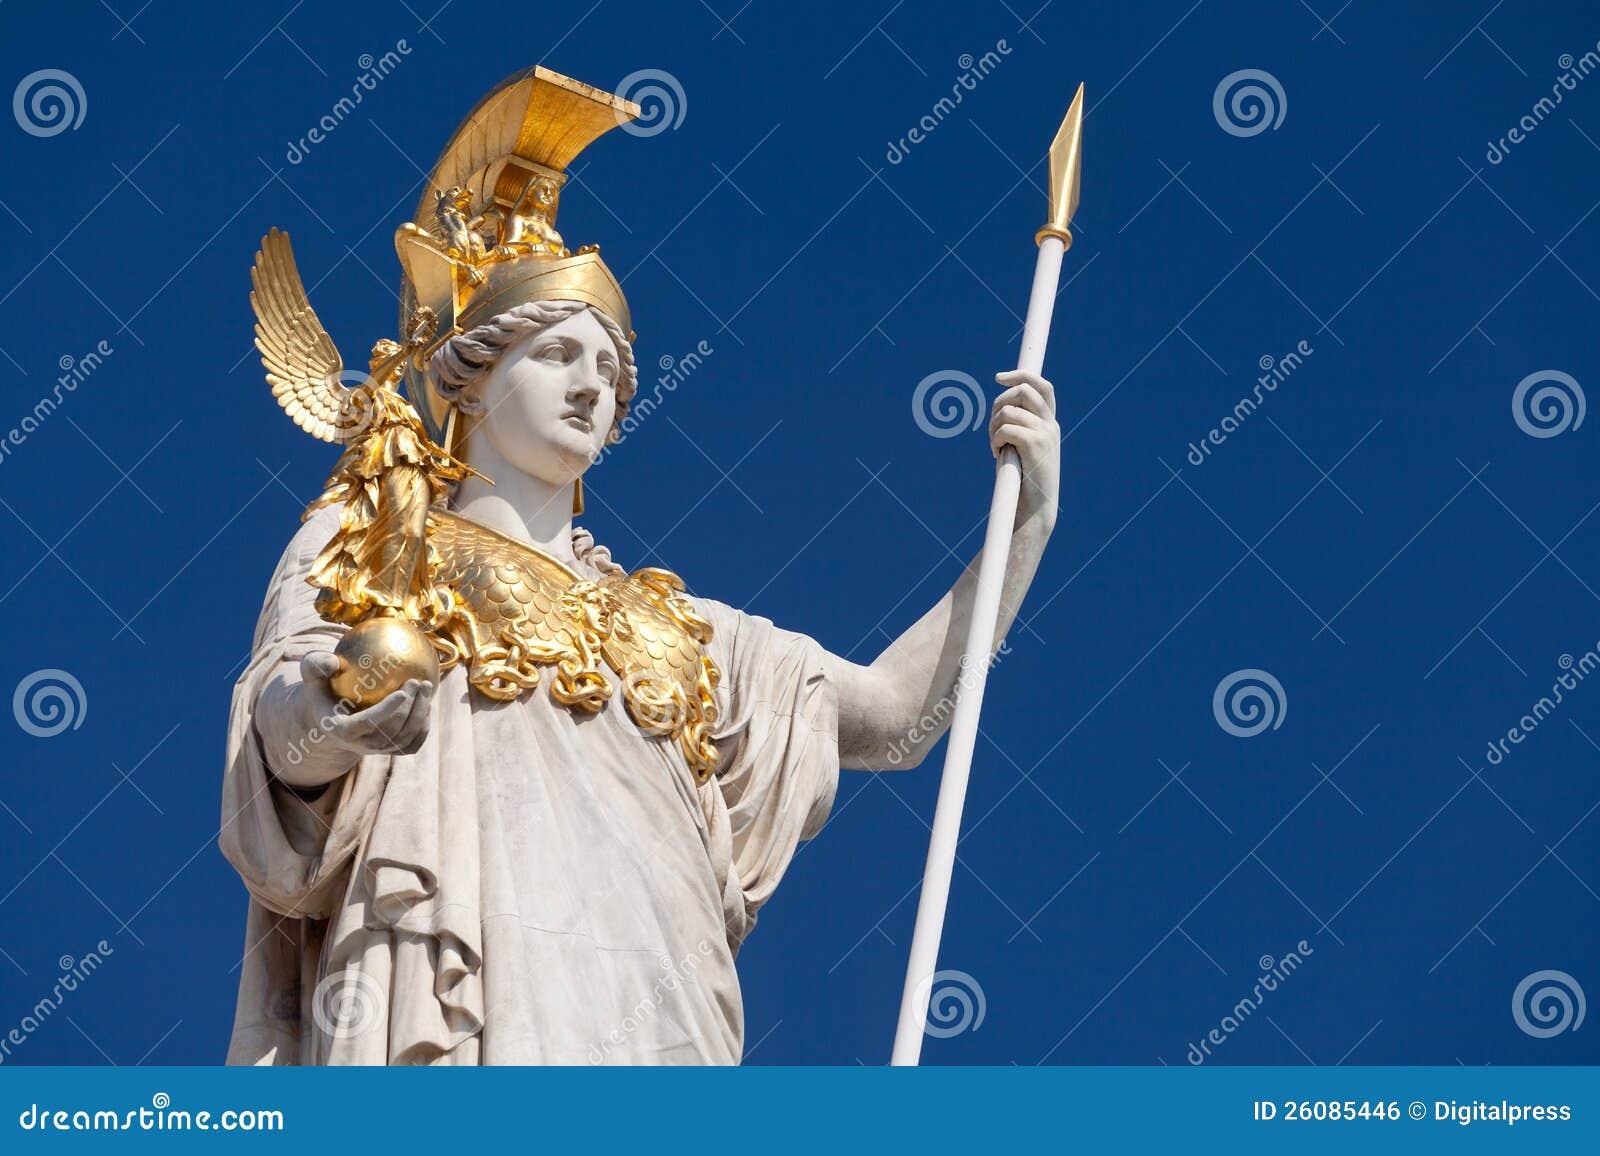 希腊神话的女神图片